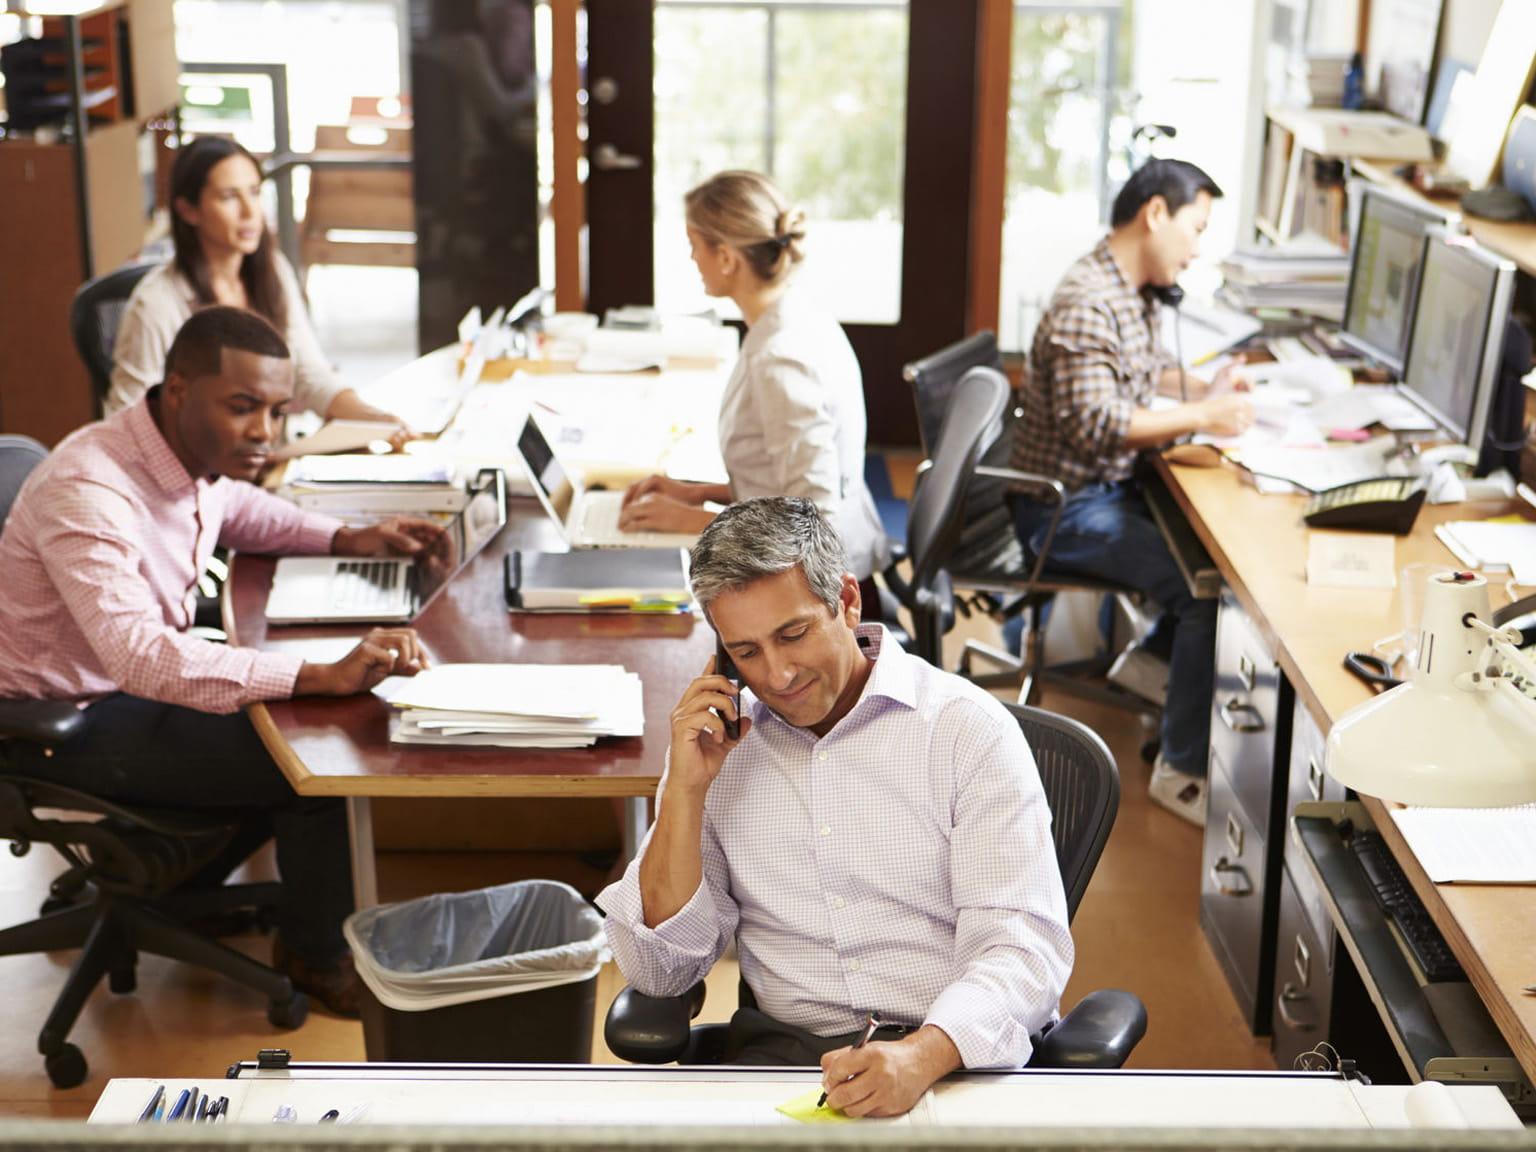 Ufficio Small Office con persone al lavoro